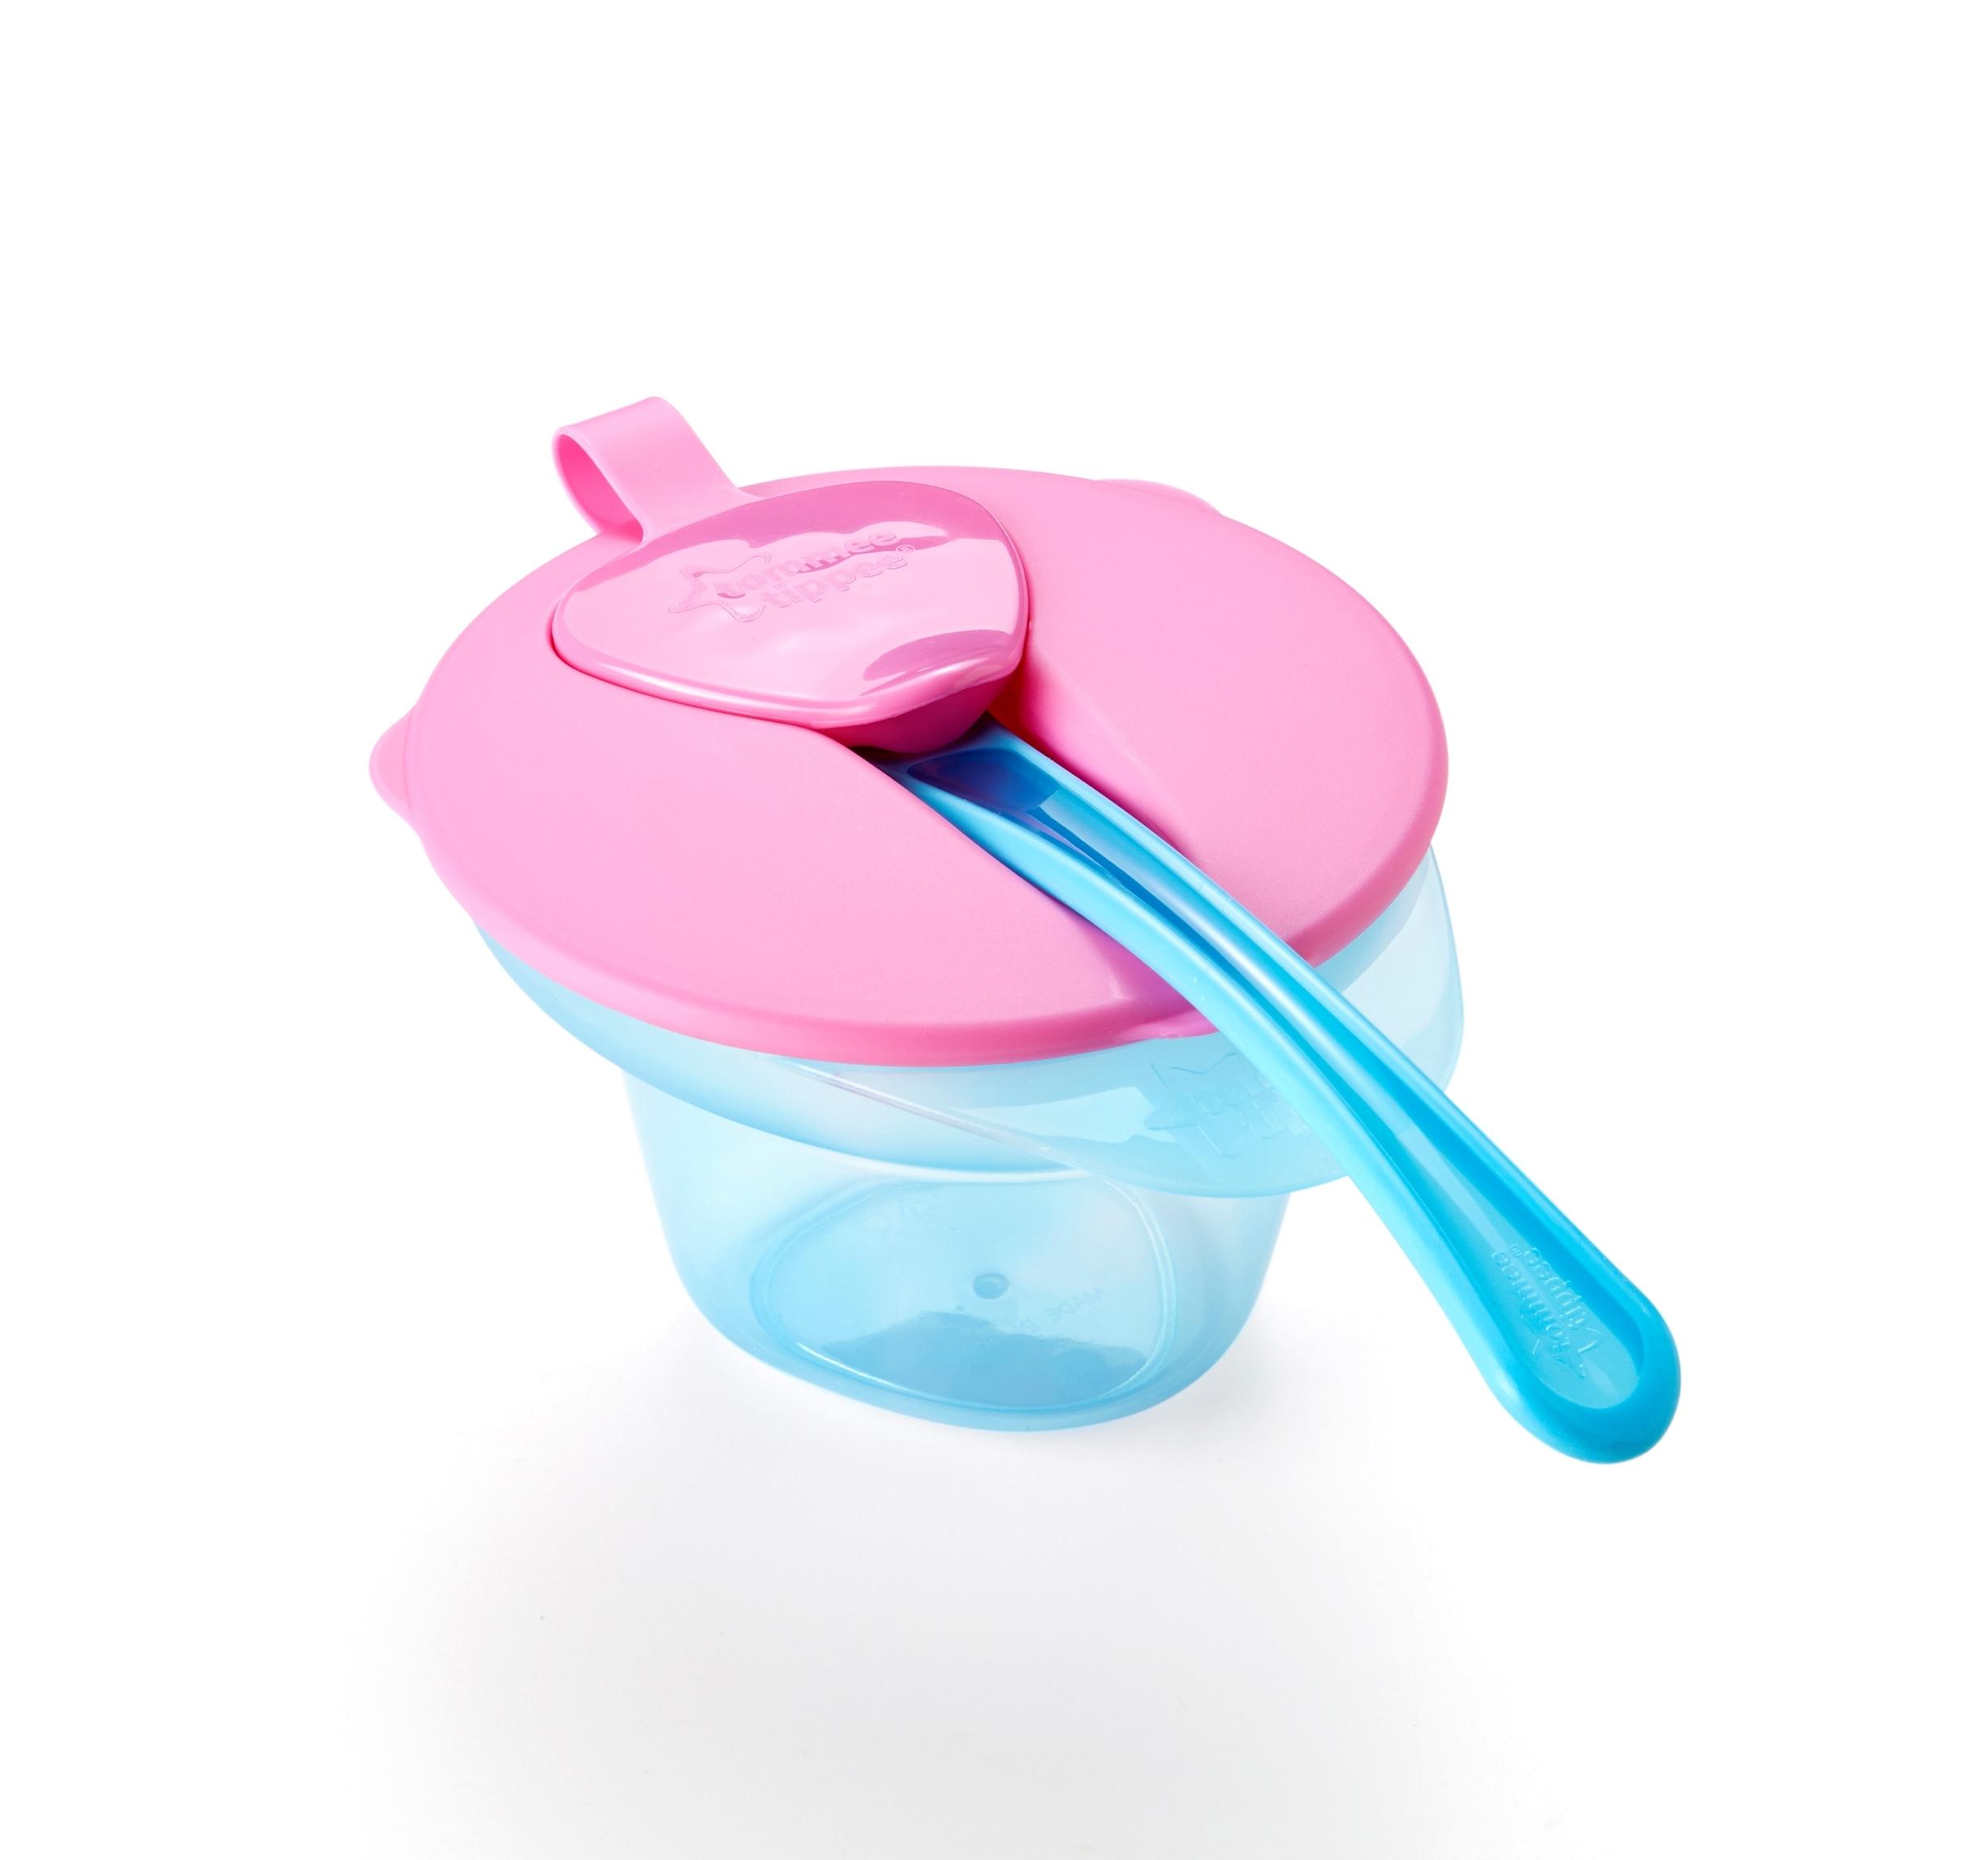 Тарелочка Tommee Tippee с отделением для разминания и охлаждения пищи розовая